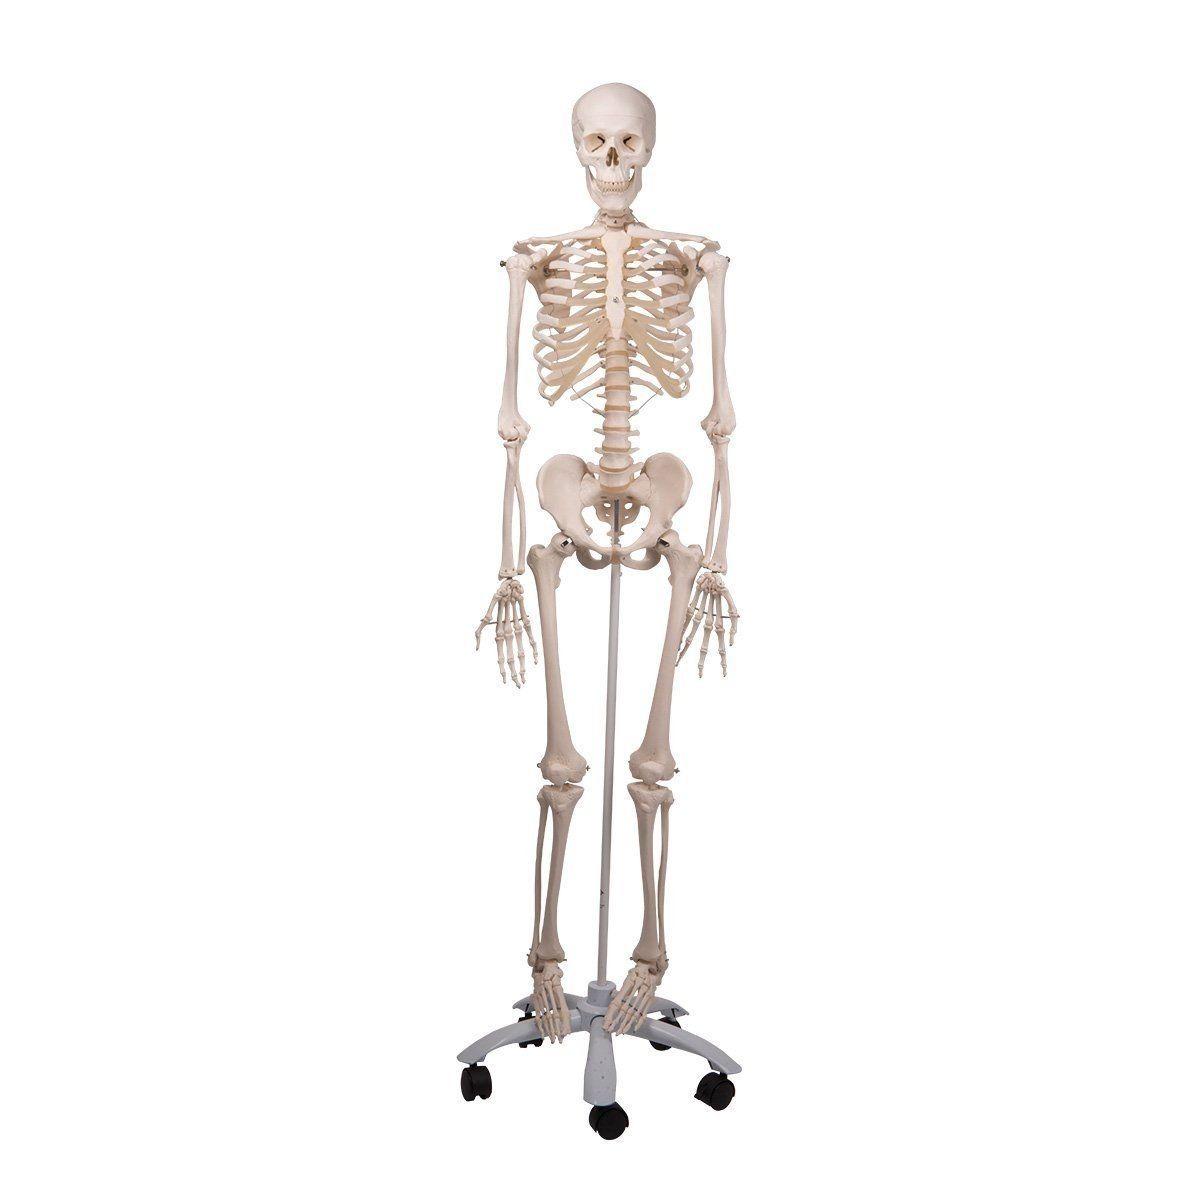 Esqueleto Humano Modelo Anatómico Tamaño Real 1,70 Mts - $ 9.590,00 ...